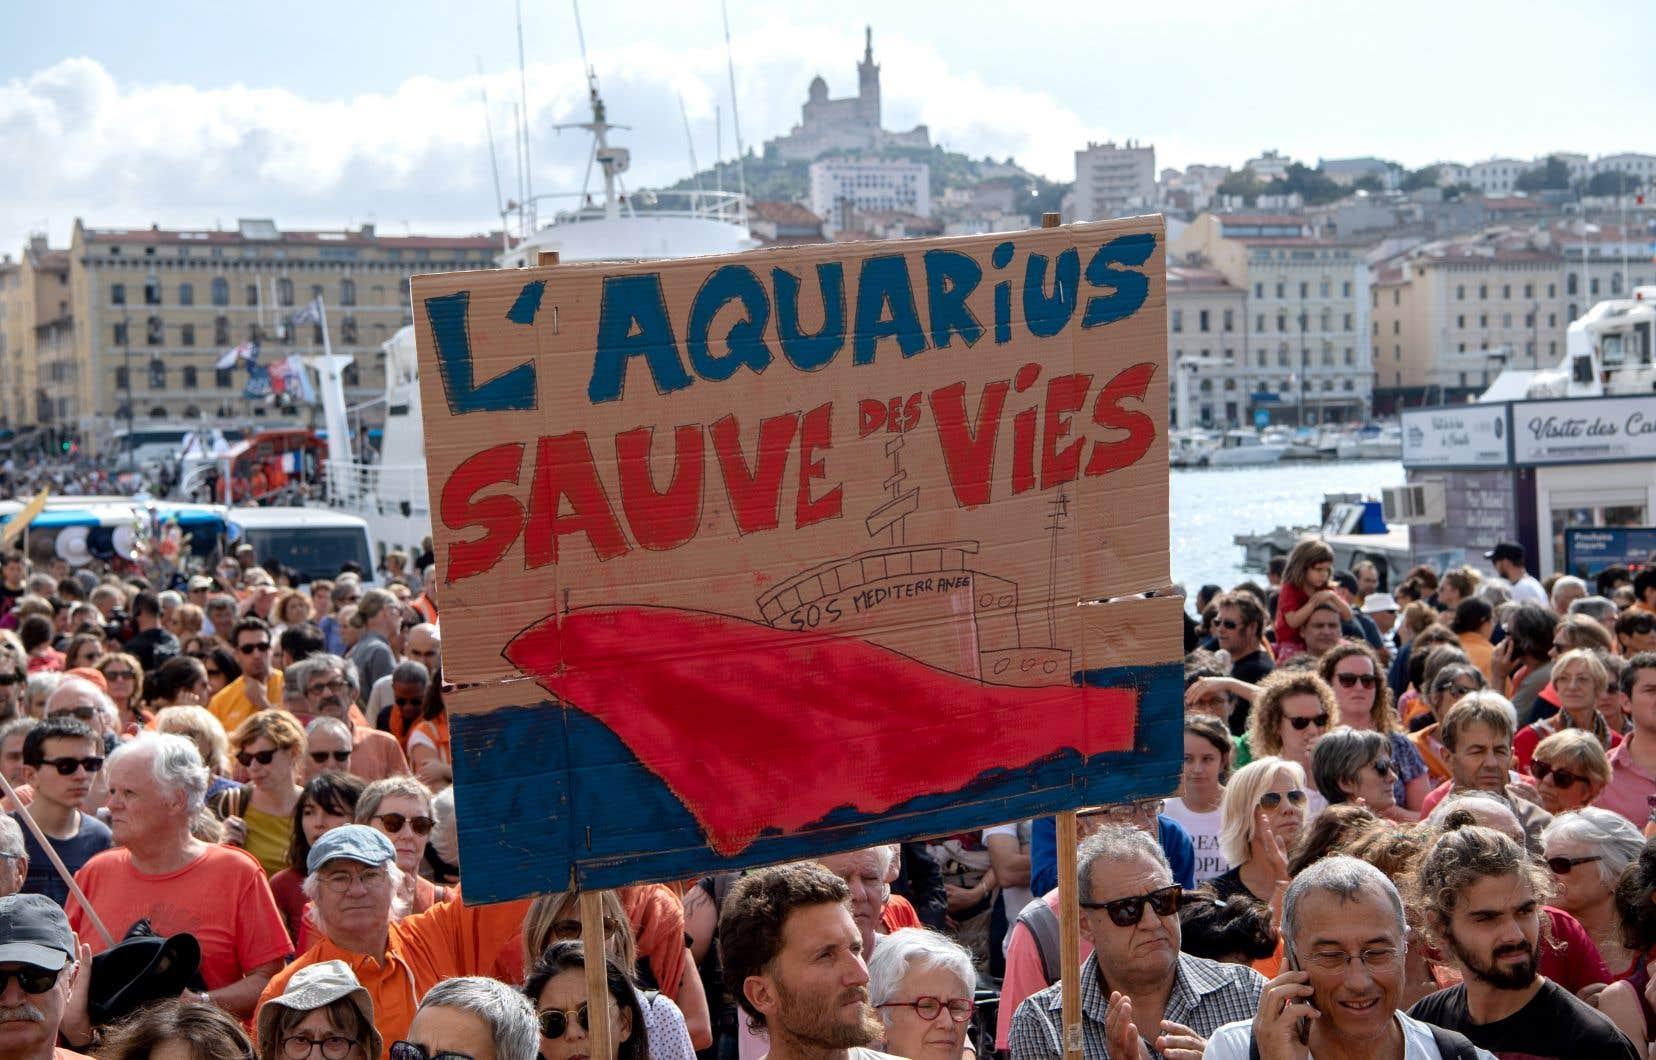 L'an dernier seulement, des équipes à bord de du navire «Aquarius» ont sauvé plus de 15 000 personnes de la noyade, rappelle l'auteur.